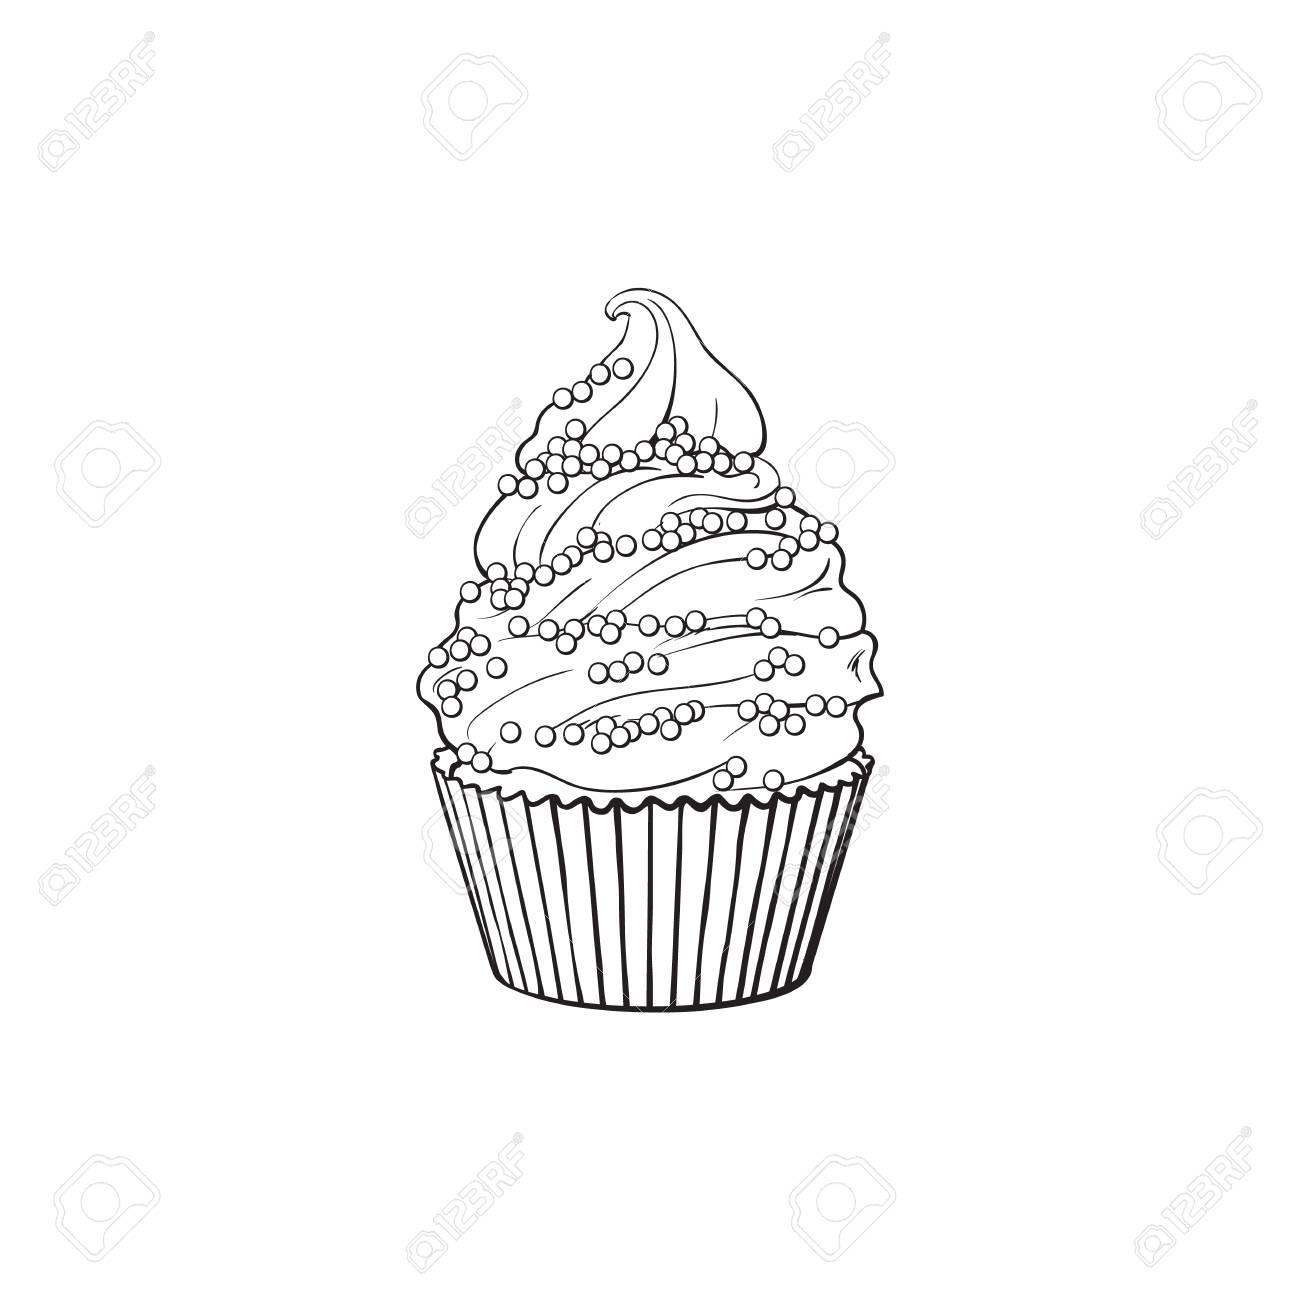 Contour Noir Et Blanc Dessin Cupcake Dessiné Main Croquis Vectoriels Illustration Isolée Sur Fond Blanc Délicieux Biscuit à La Crème Bonbons